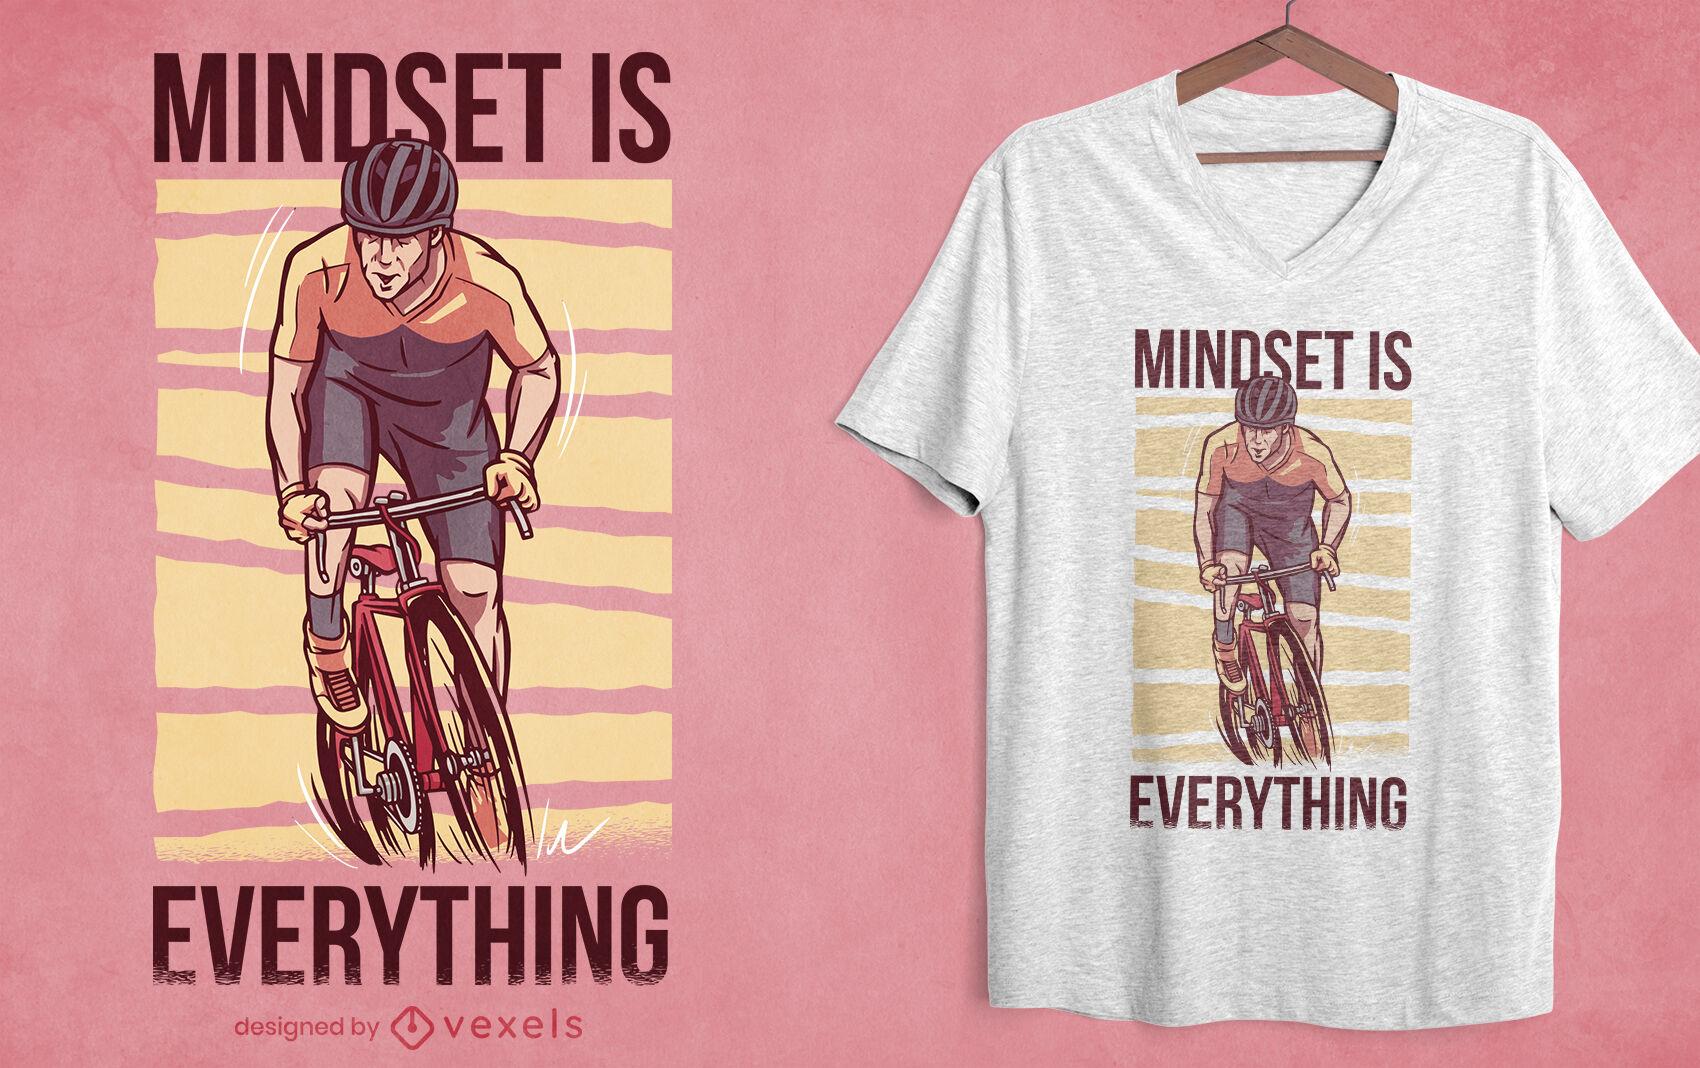 Motivational cycling t-shirt design